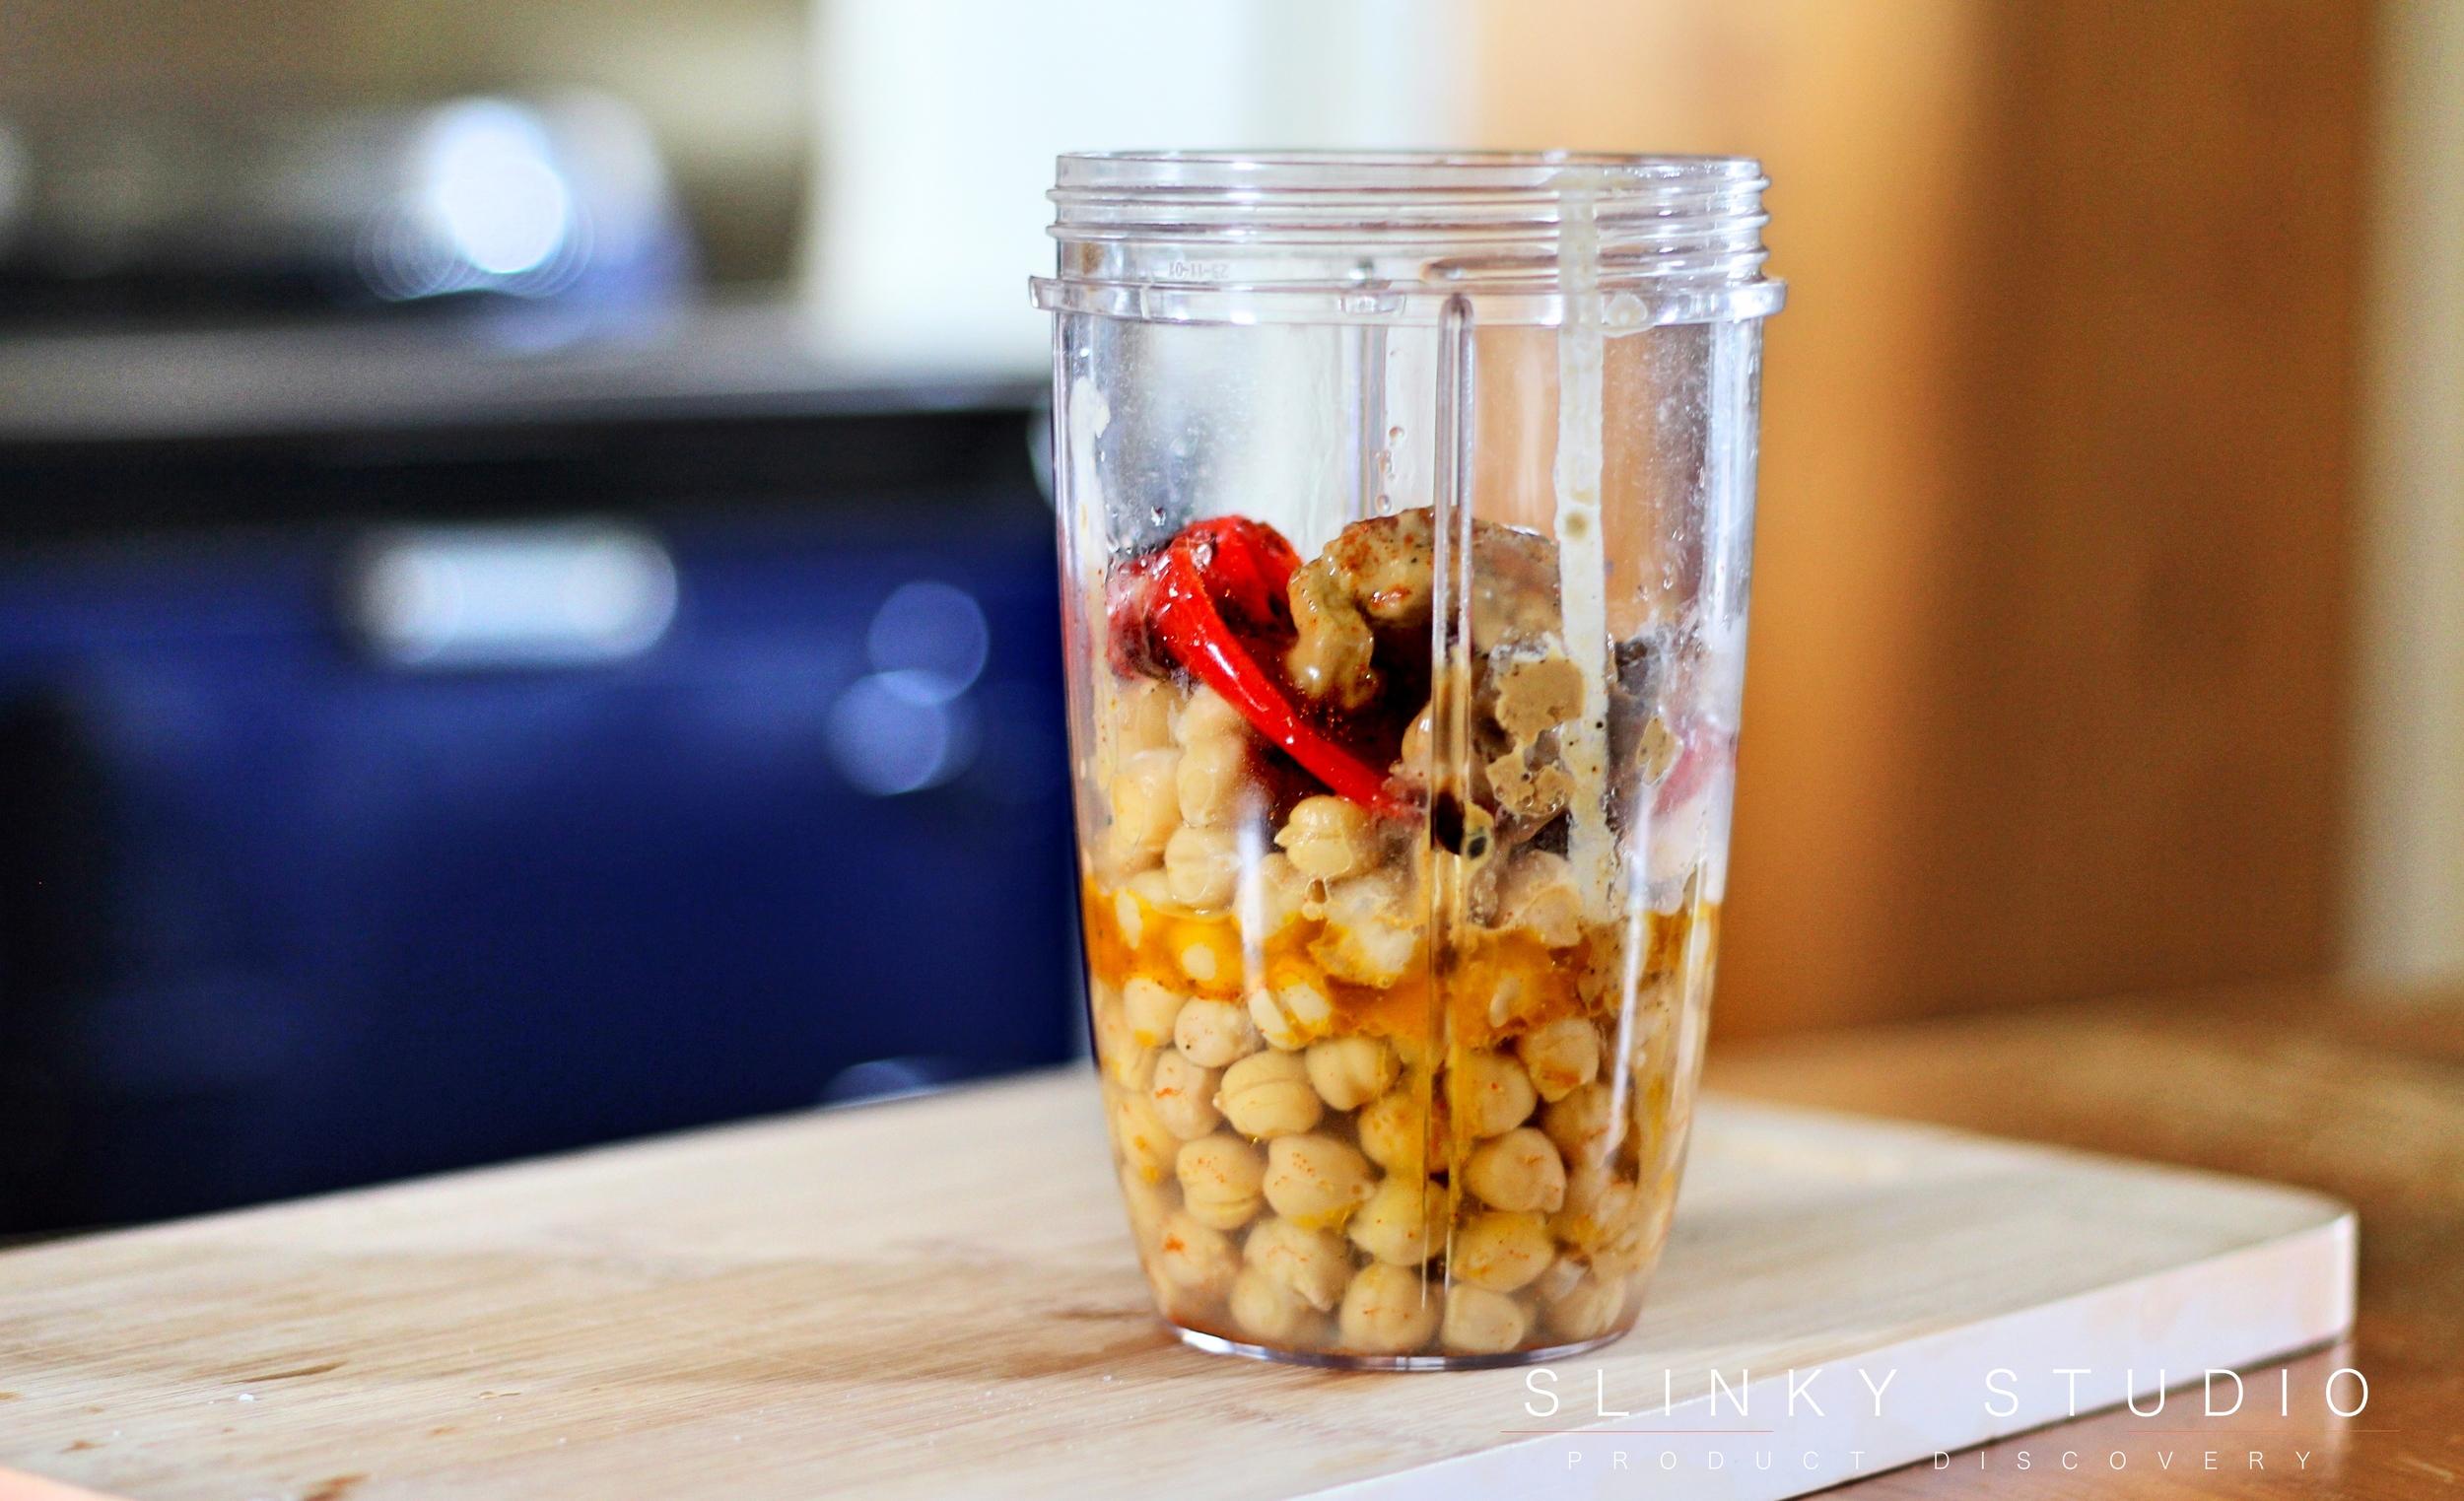 Nutribullet PRO 900 Series Blender Red Pepper Humous Ingredients in Jar.jpg